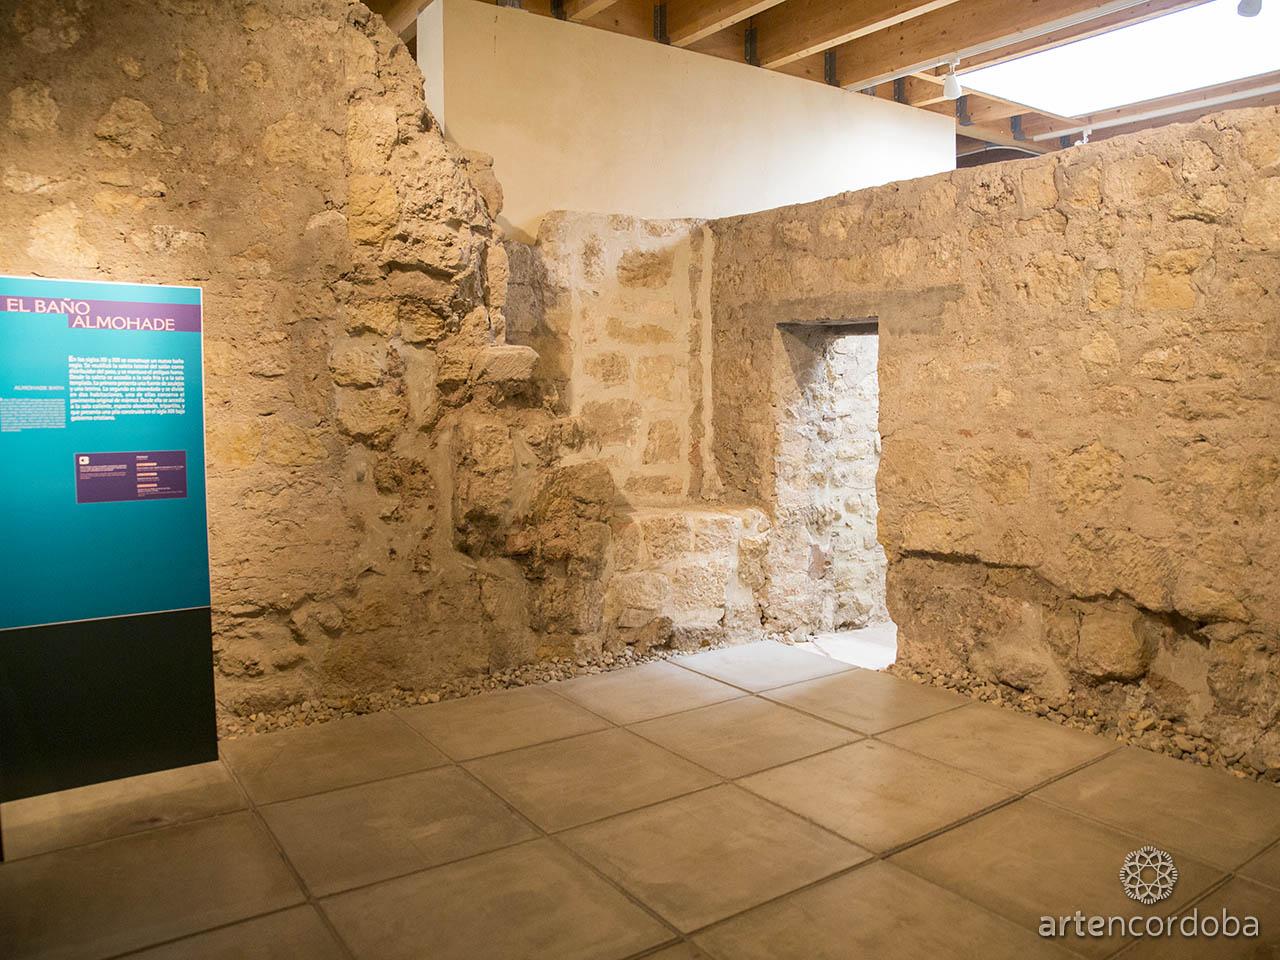 Sala dedicada al 'Baño Almohade' en los Baños Árabes del Alcázar Califal (Baños Califales) de Córdoba